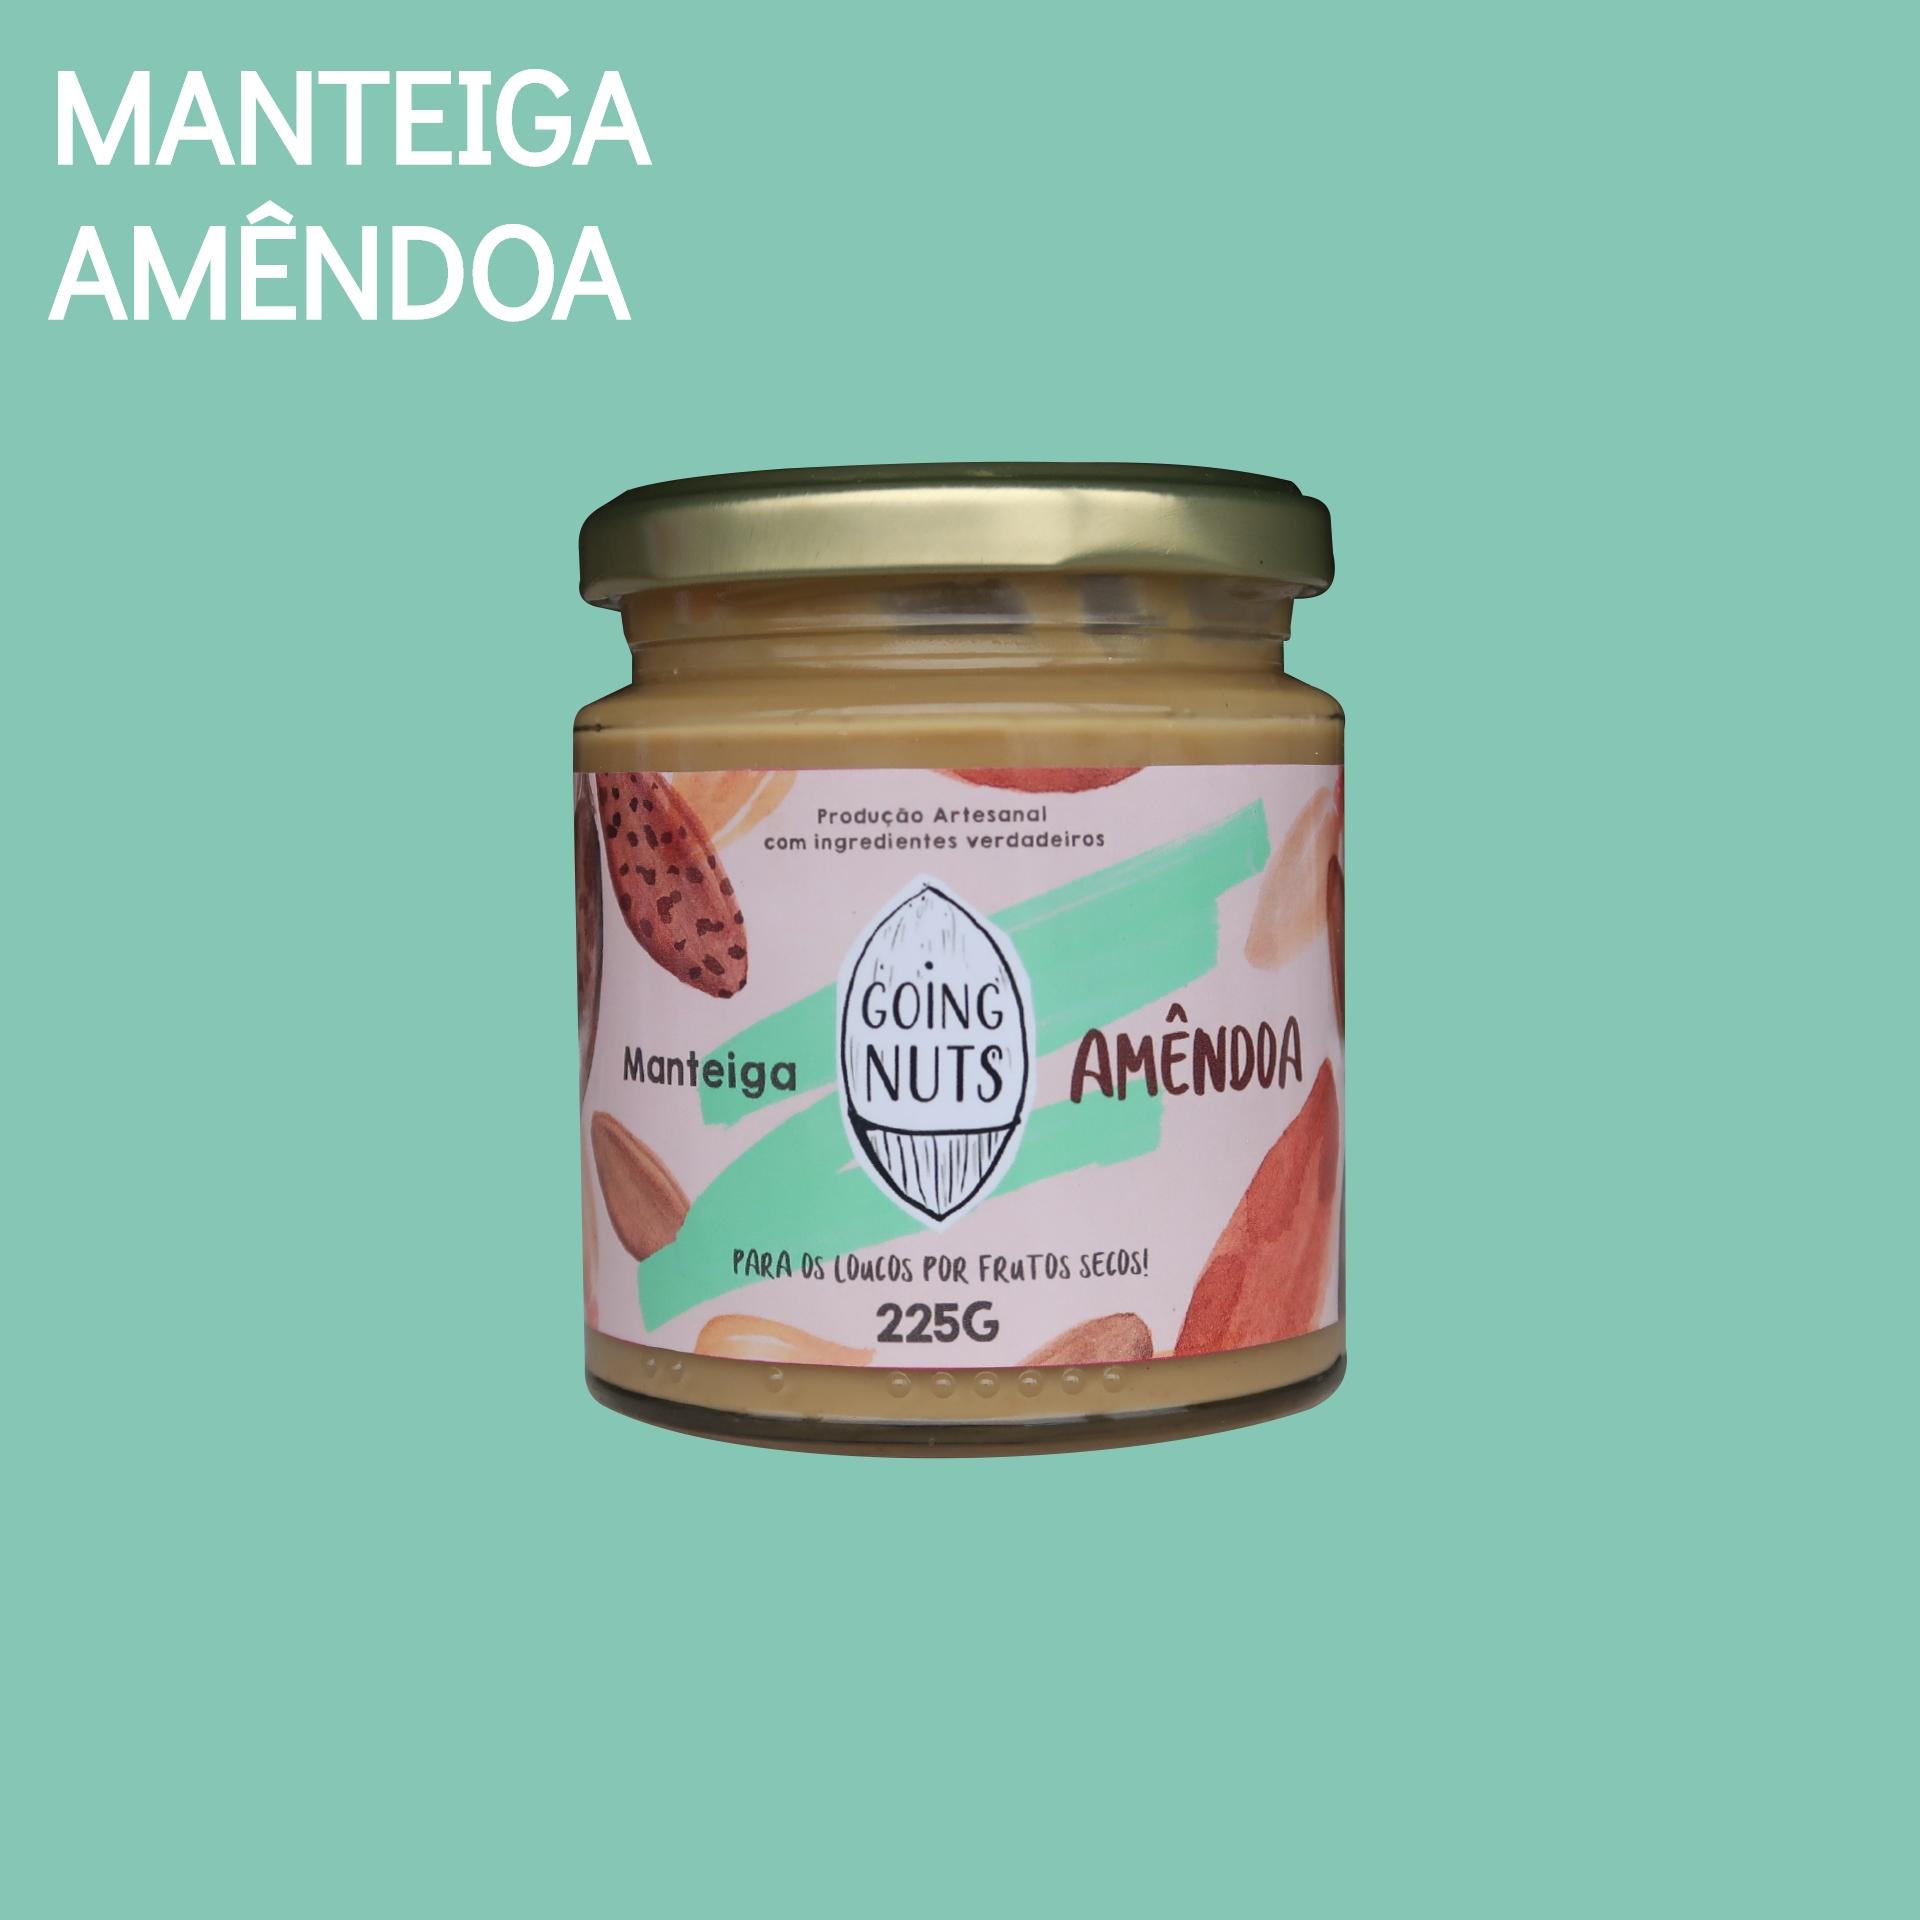 Manteiga Amêndoa | 225G